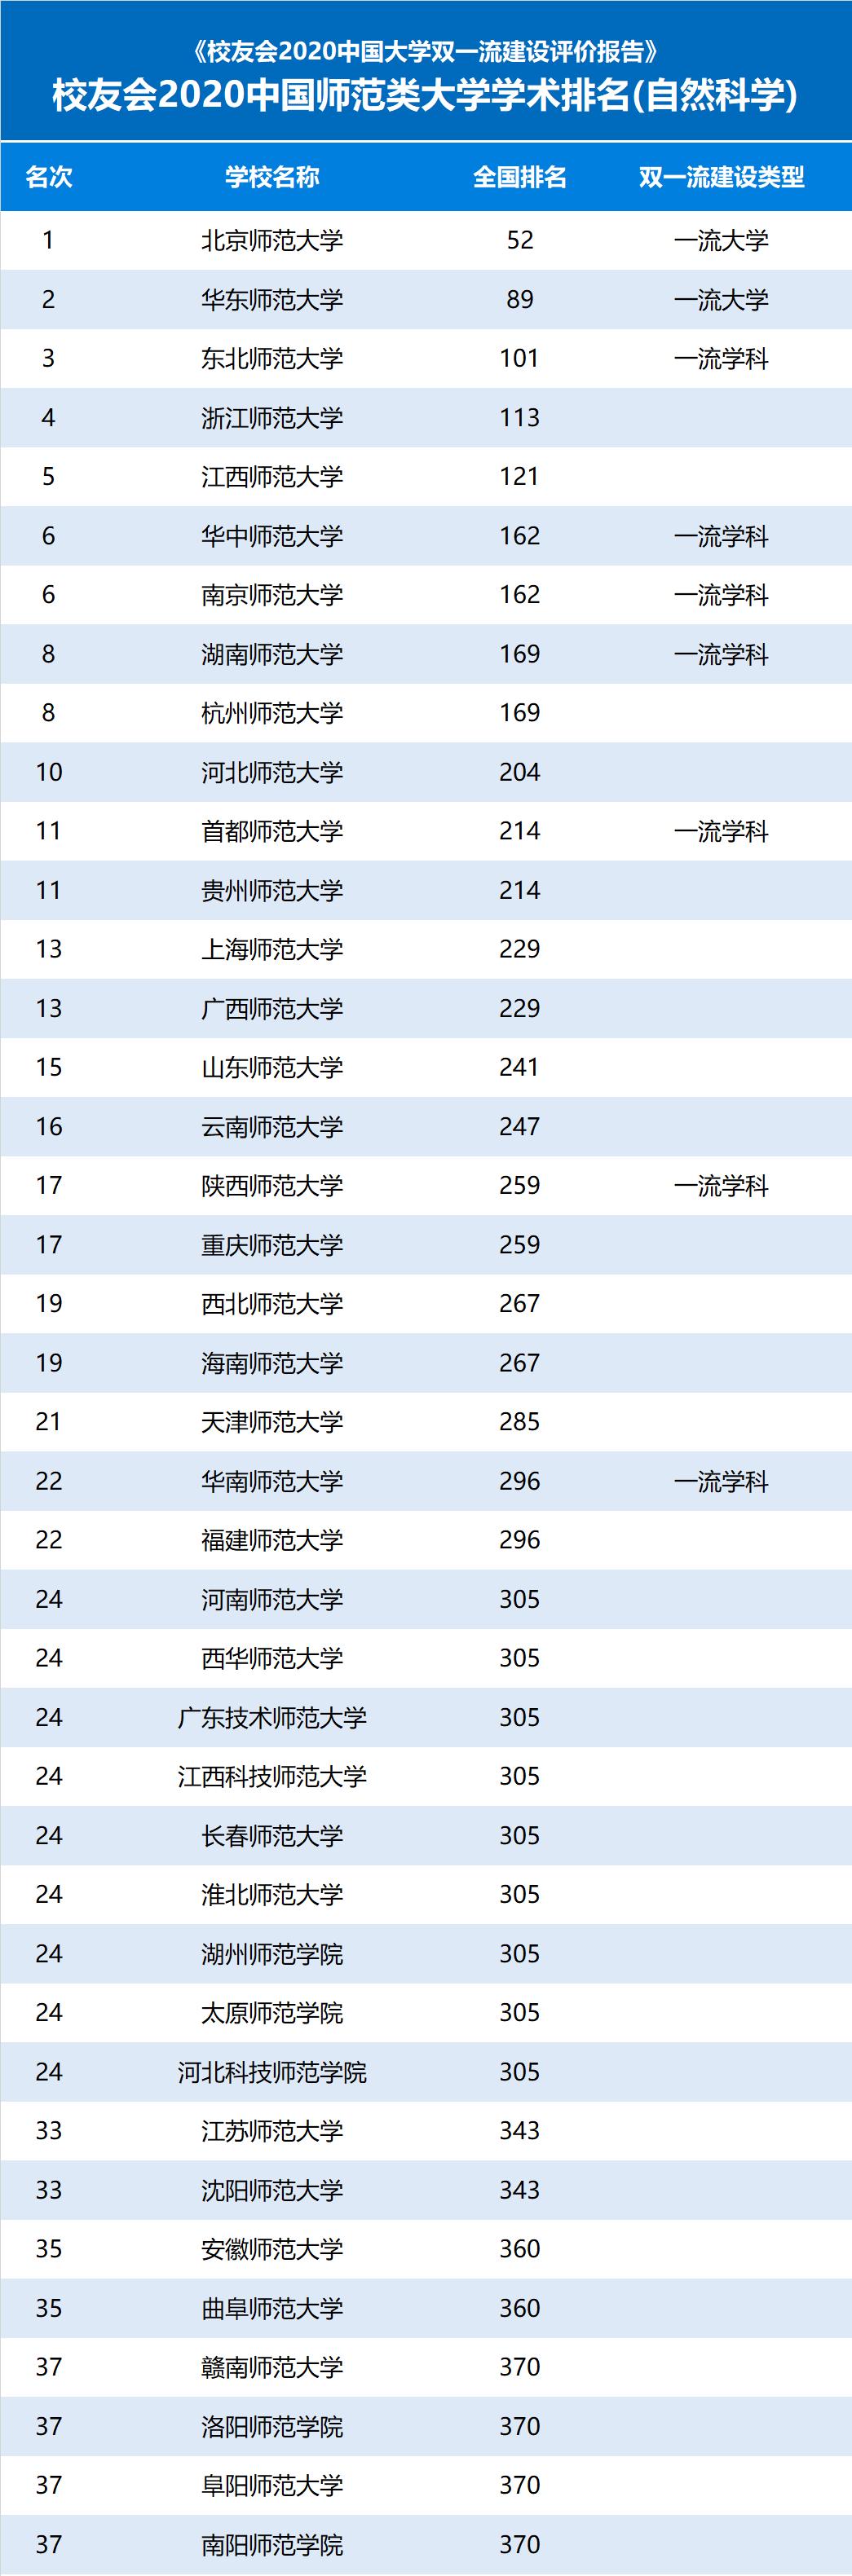 2020年中国师范类院校学术研究水平排行榜